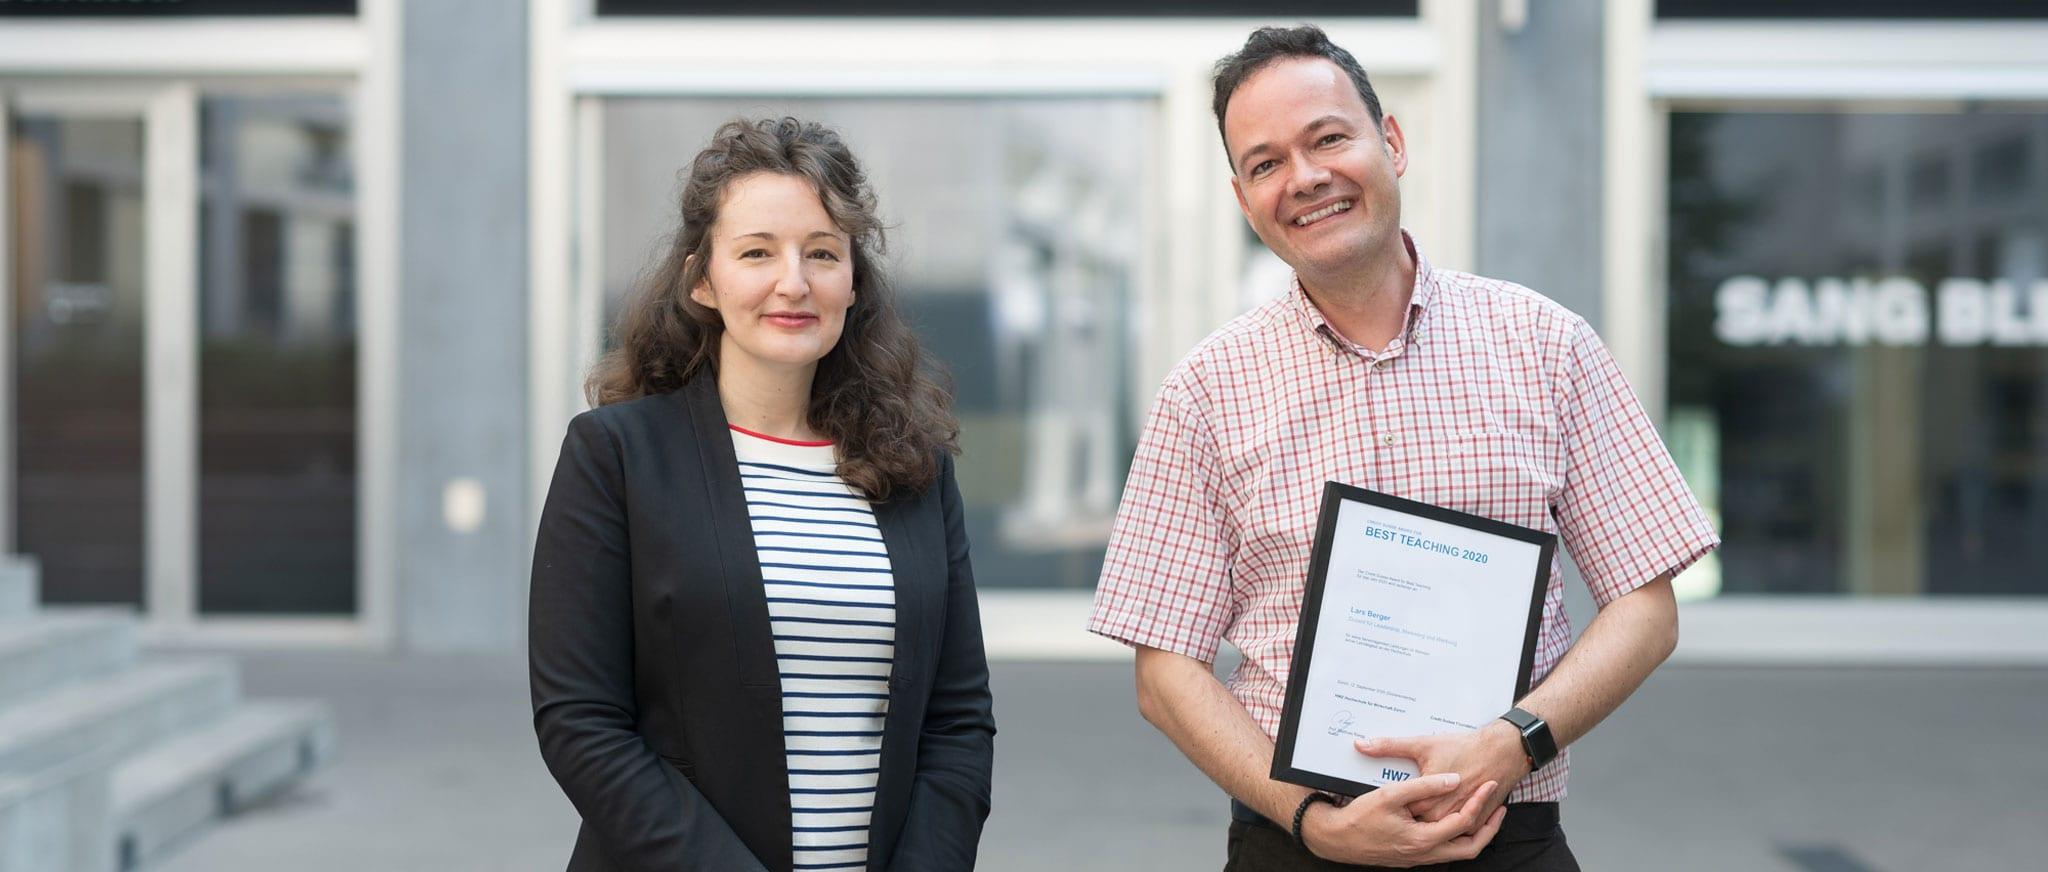 Lars Berger, Best Teacher Award 2020